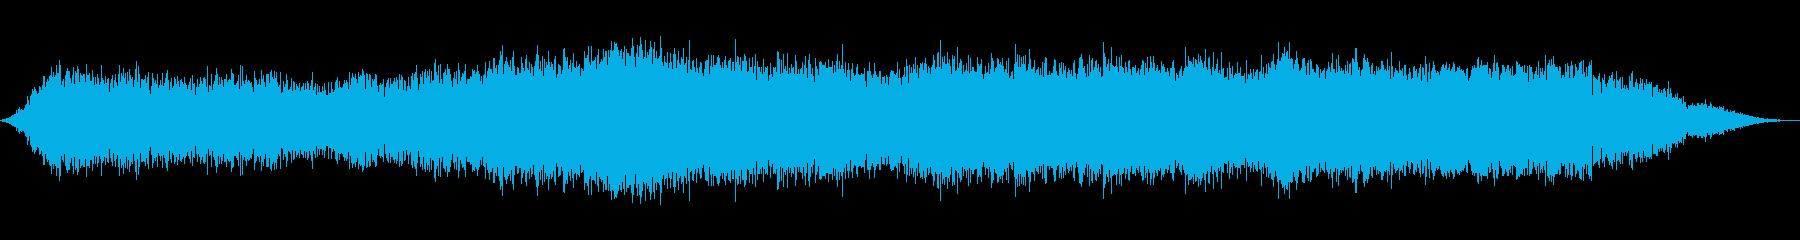 ファントムジャングルの再生済みの波形